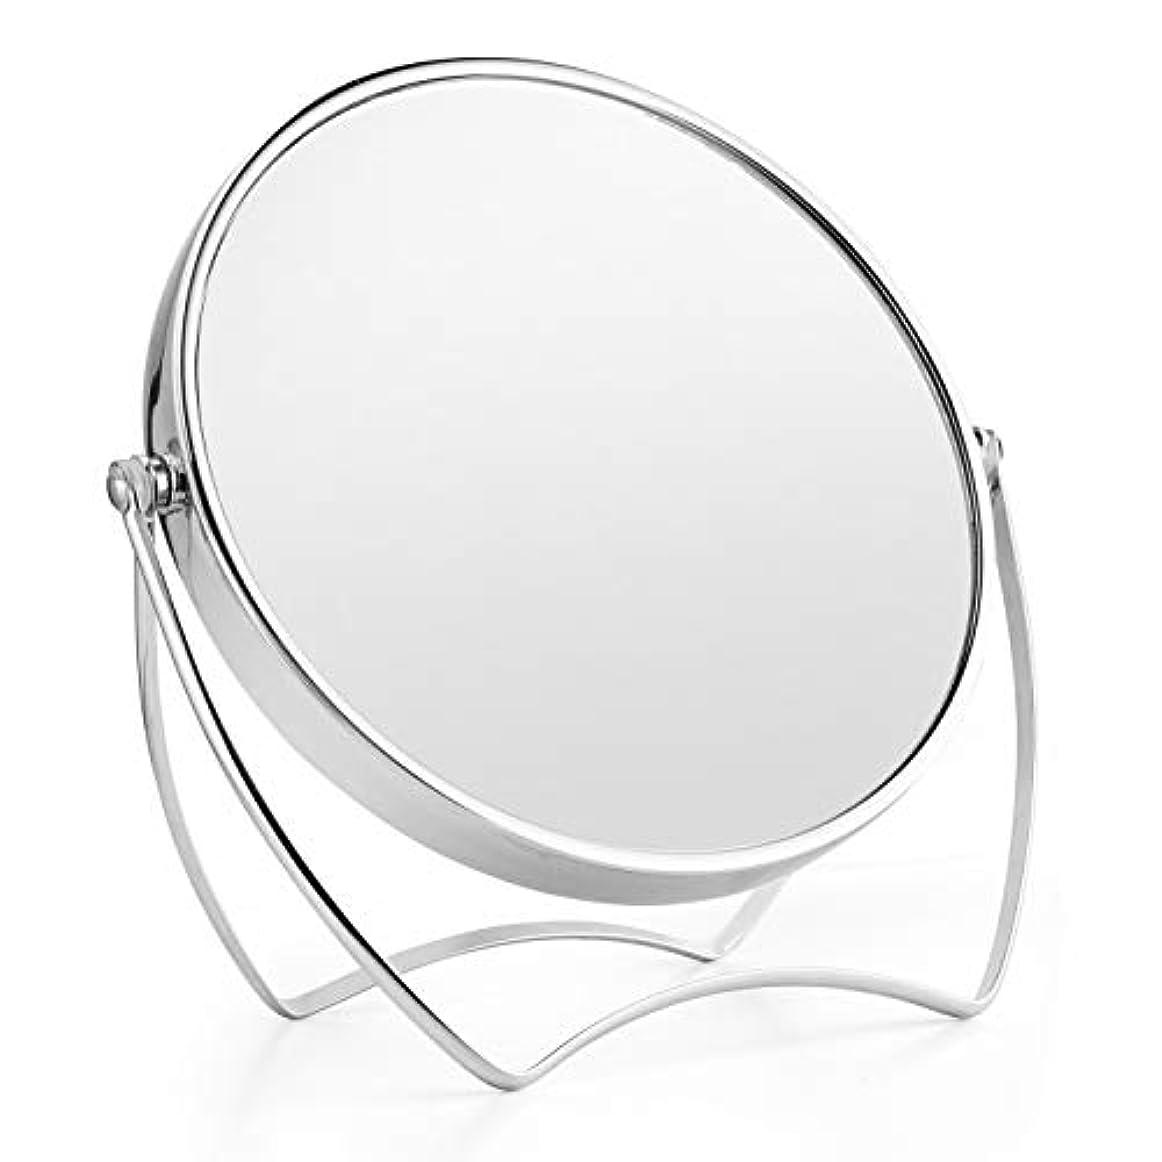 アリス彼自身相互接続卓上ミラー 化粧鏡 1倍/5倍拡大鏡 メイクミラー 両面化粧鏡 ラウンドミラー 女優ミラー スタンドミラー 卓上鏡 360°回転ブラケット メタルフレームバニティミラー 寝室や浴室に適しています(15cm)